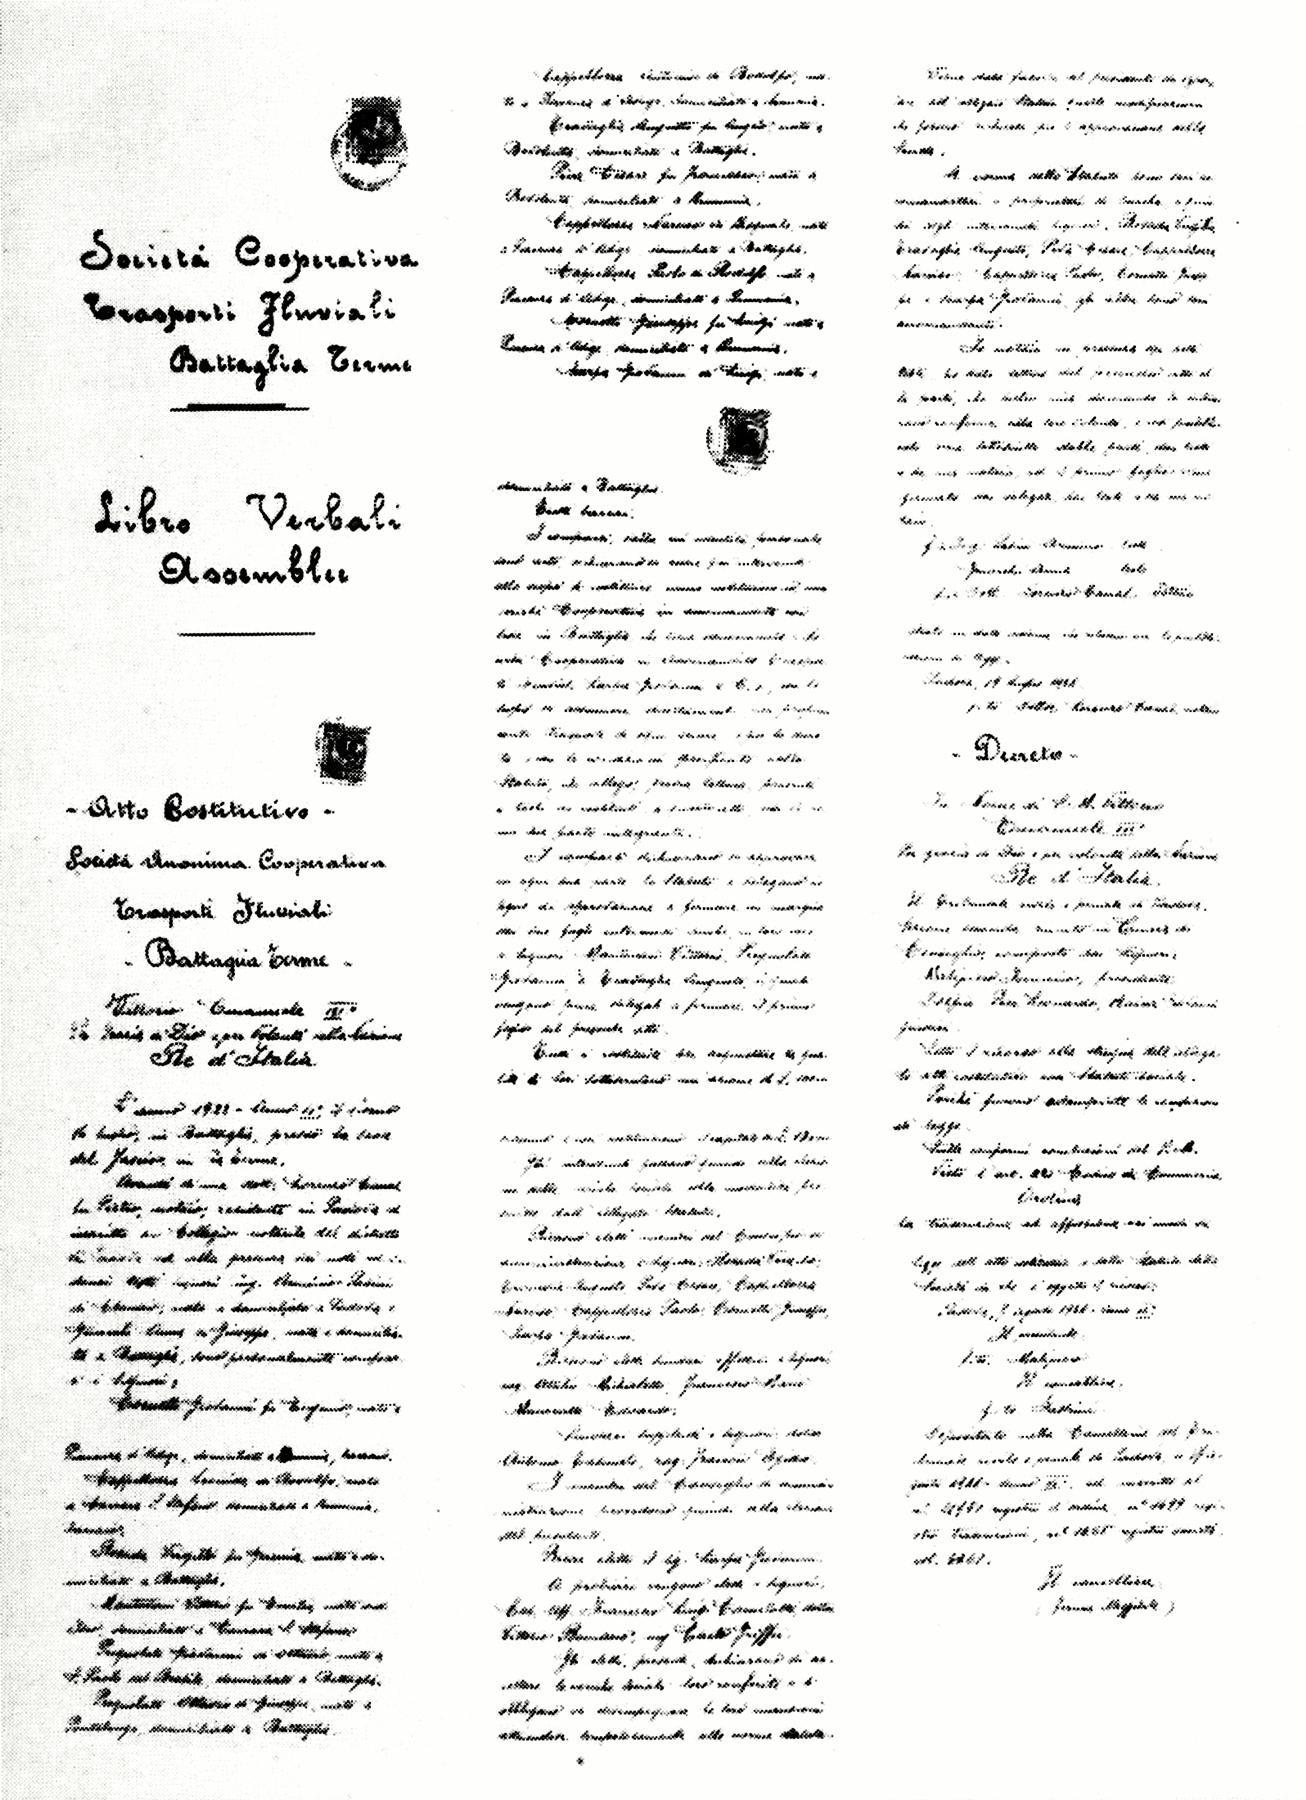 Copie Atto Costitutivo della Cooperativa Trasporti Fluviali G.Scarpa & C.